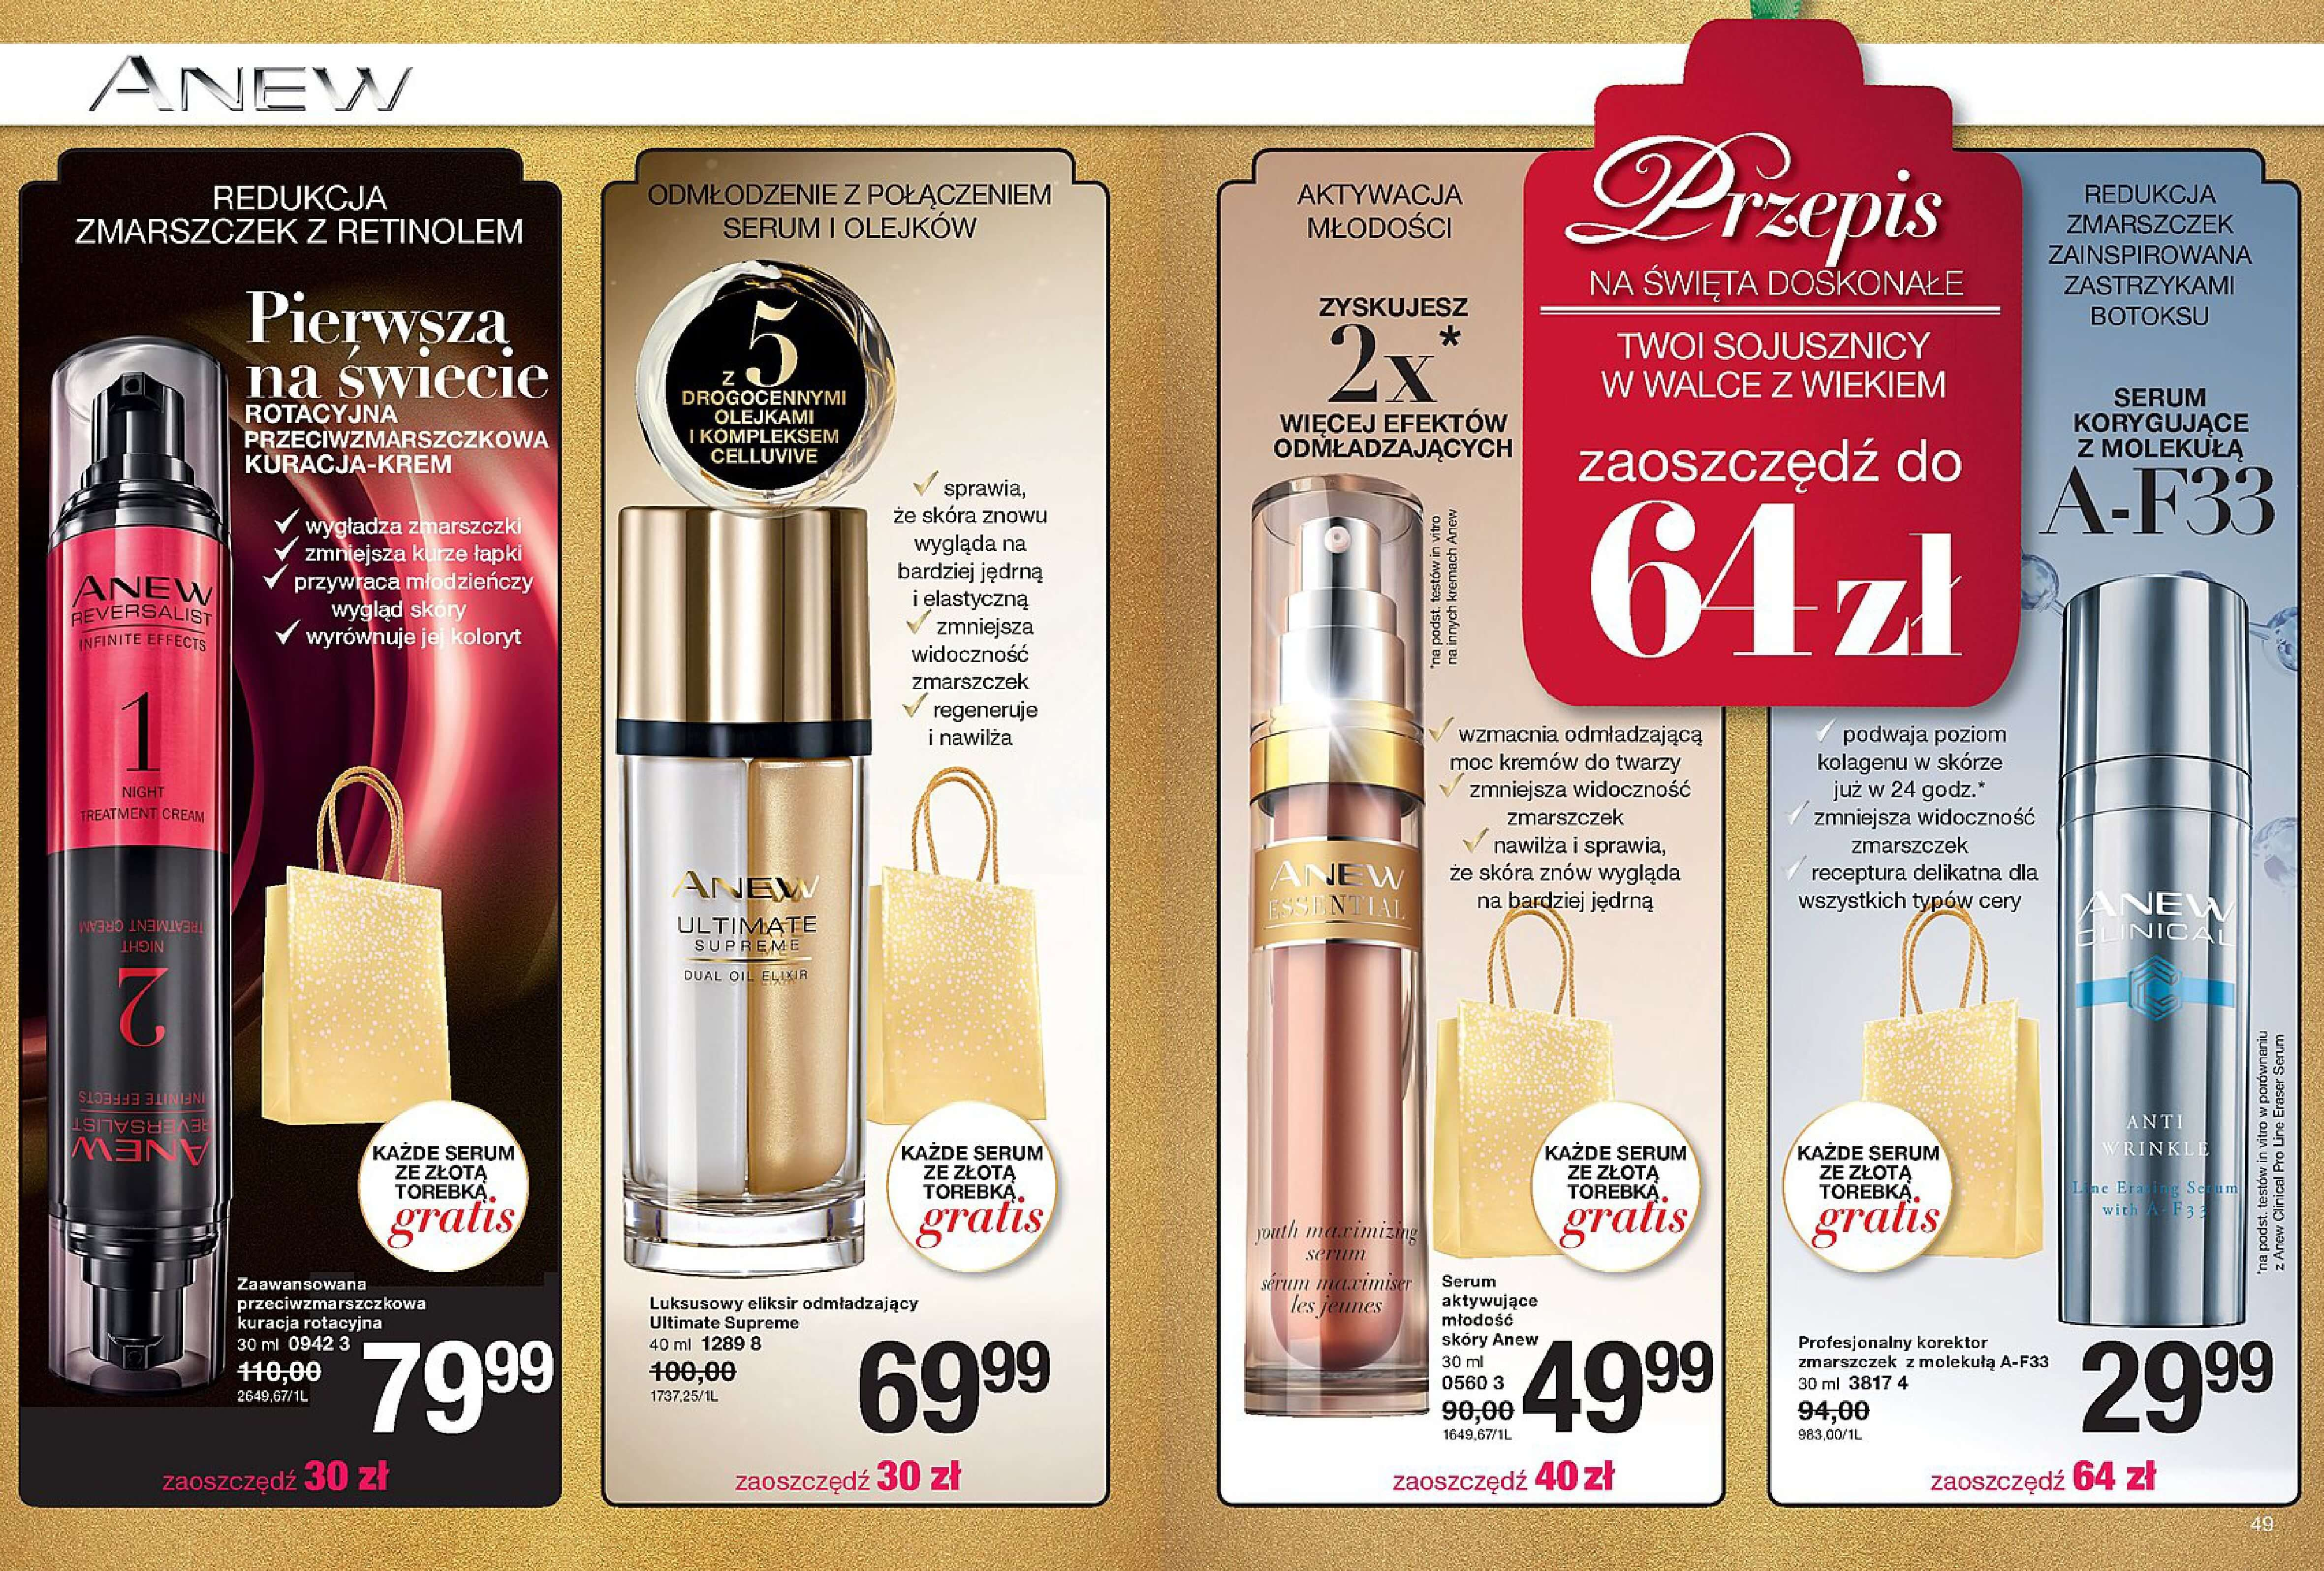 Gazetka Avon - Katalog 17/2017 Gwiazdka-29.11.2017-27.12.2017-page-25